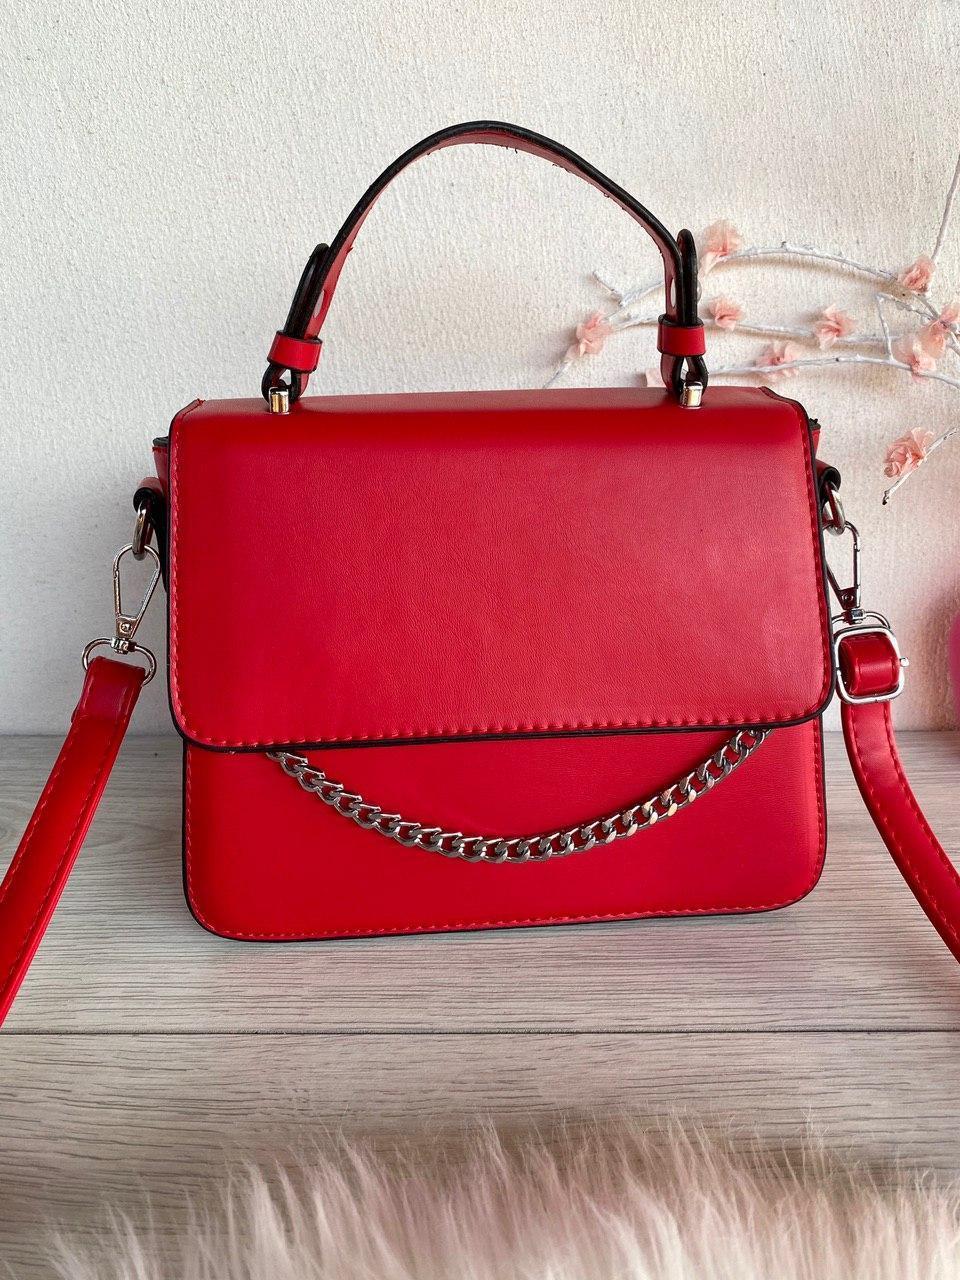 Сумочка Fuerya с декоративной цепочкой и надписью в стиле Селин красная женская сумка Сумка для девушки